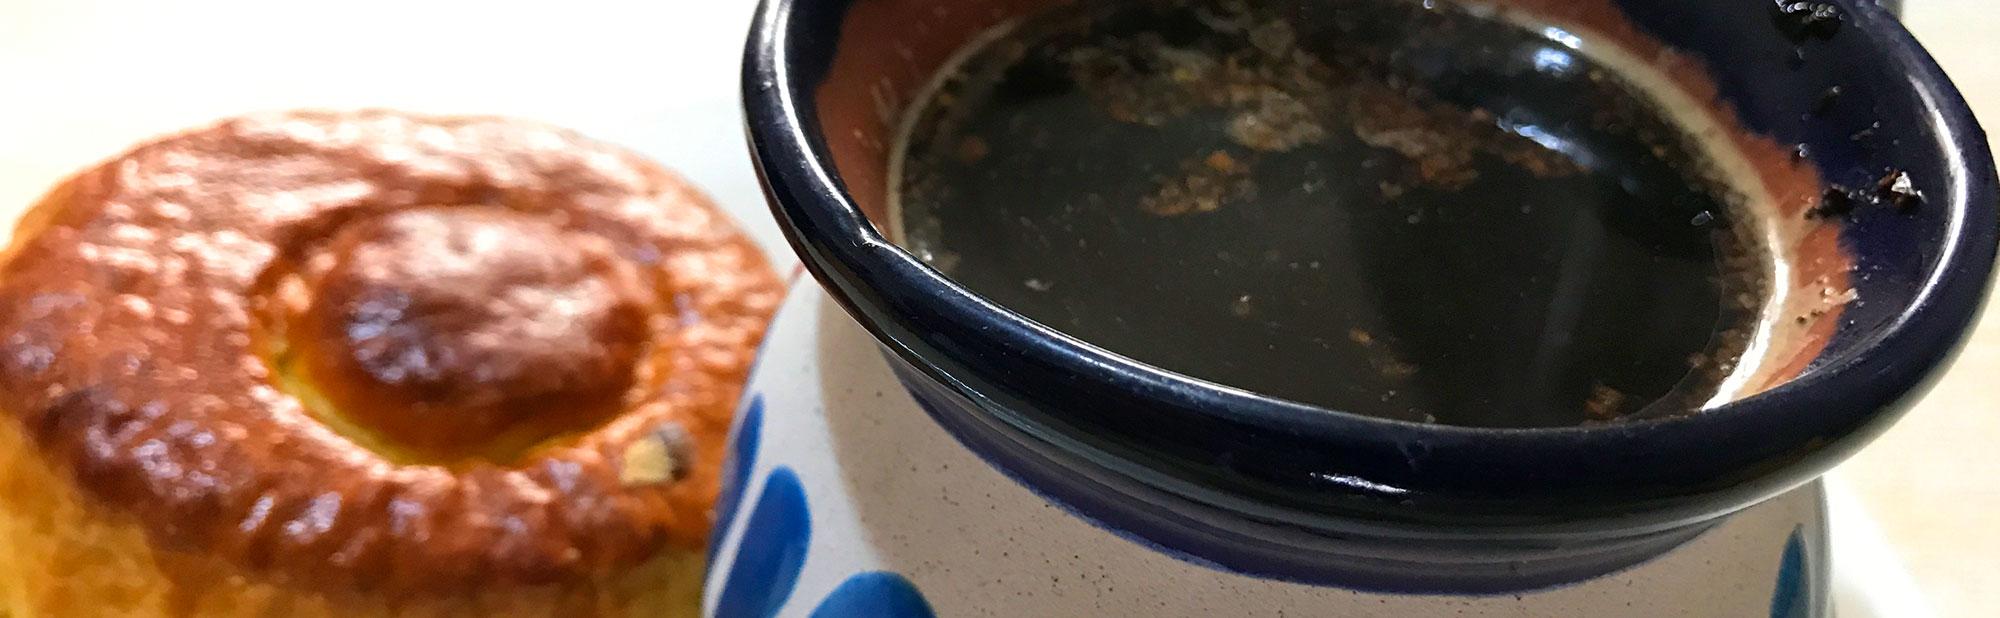 La Antojadera | Café de Olla